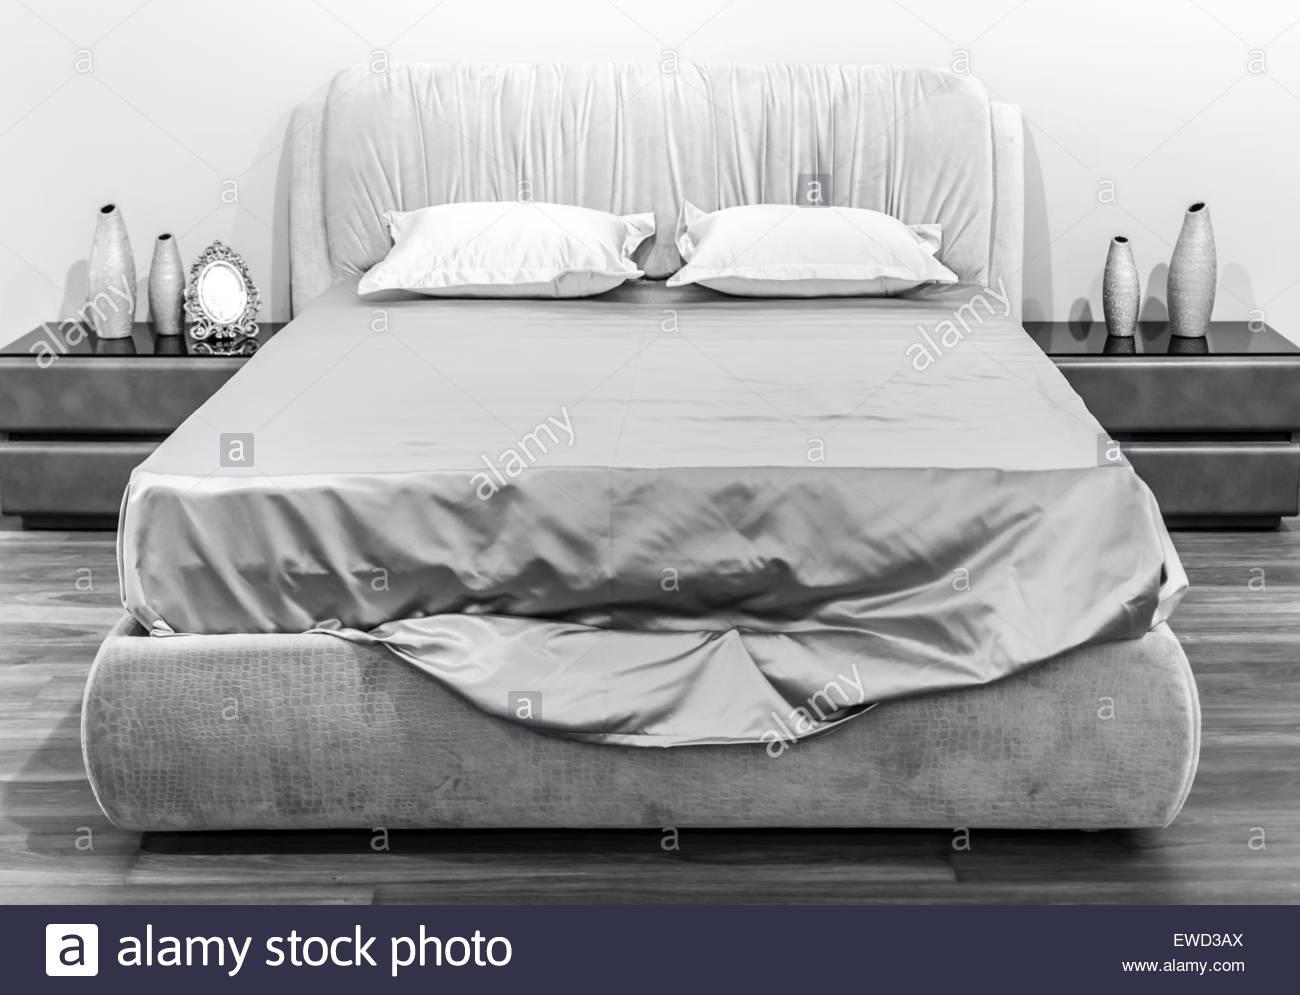 Full Size of Weiße Betten Mit Schubladen 200x200 Außergewöhnliche Breckle Bettkasten Jabo 120x200 Amazon 180x200 Team 7 Billige Japanische Schöne Kopfteile Für Weißes Bett Weiße Betten